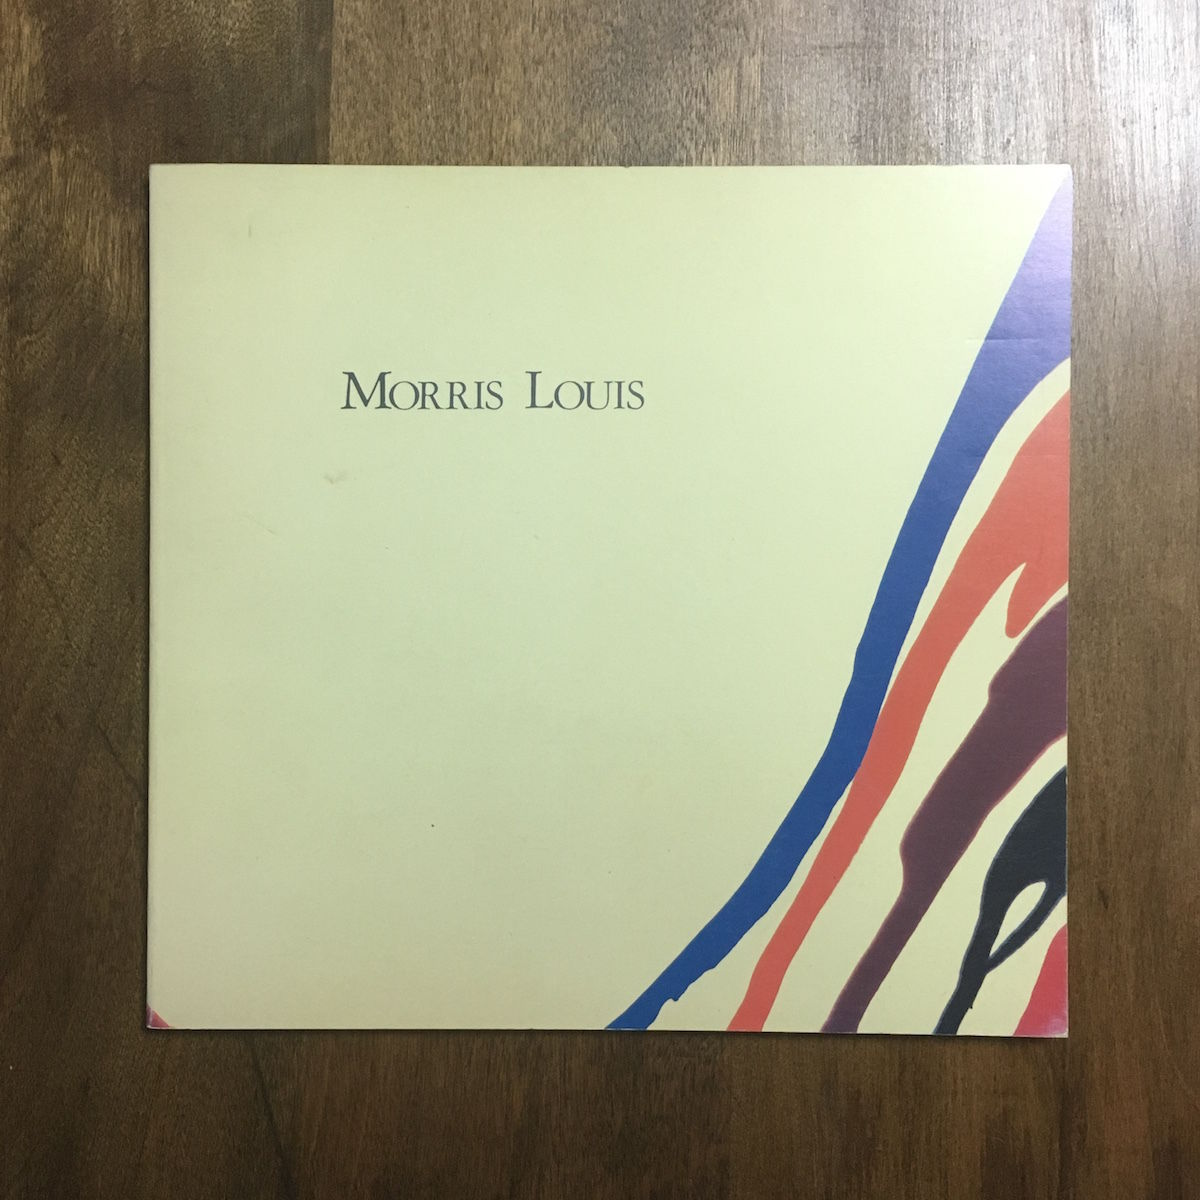 「モーリス・ルイス展図録 1986年」滋賀県立近代美術館